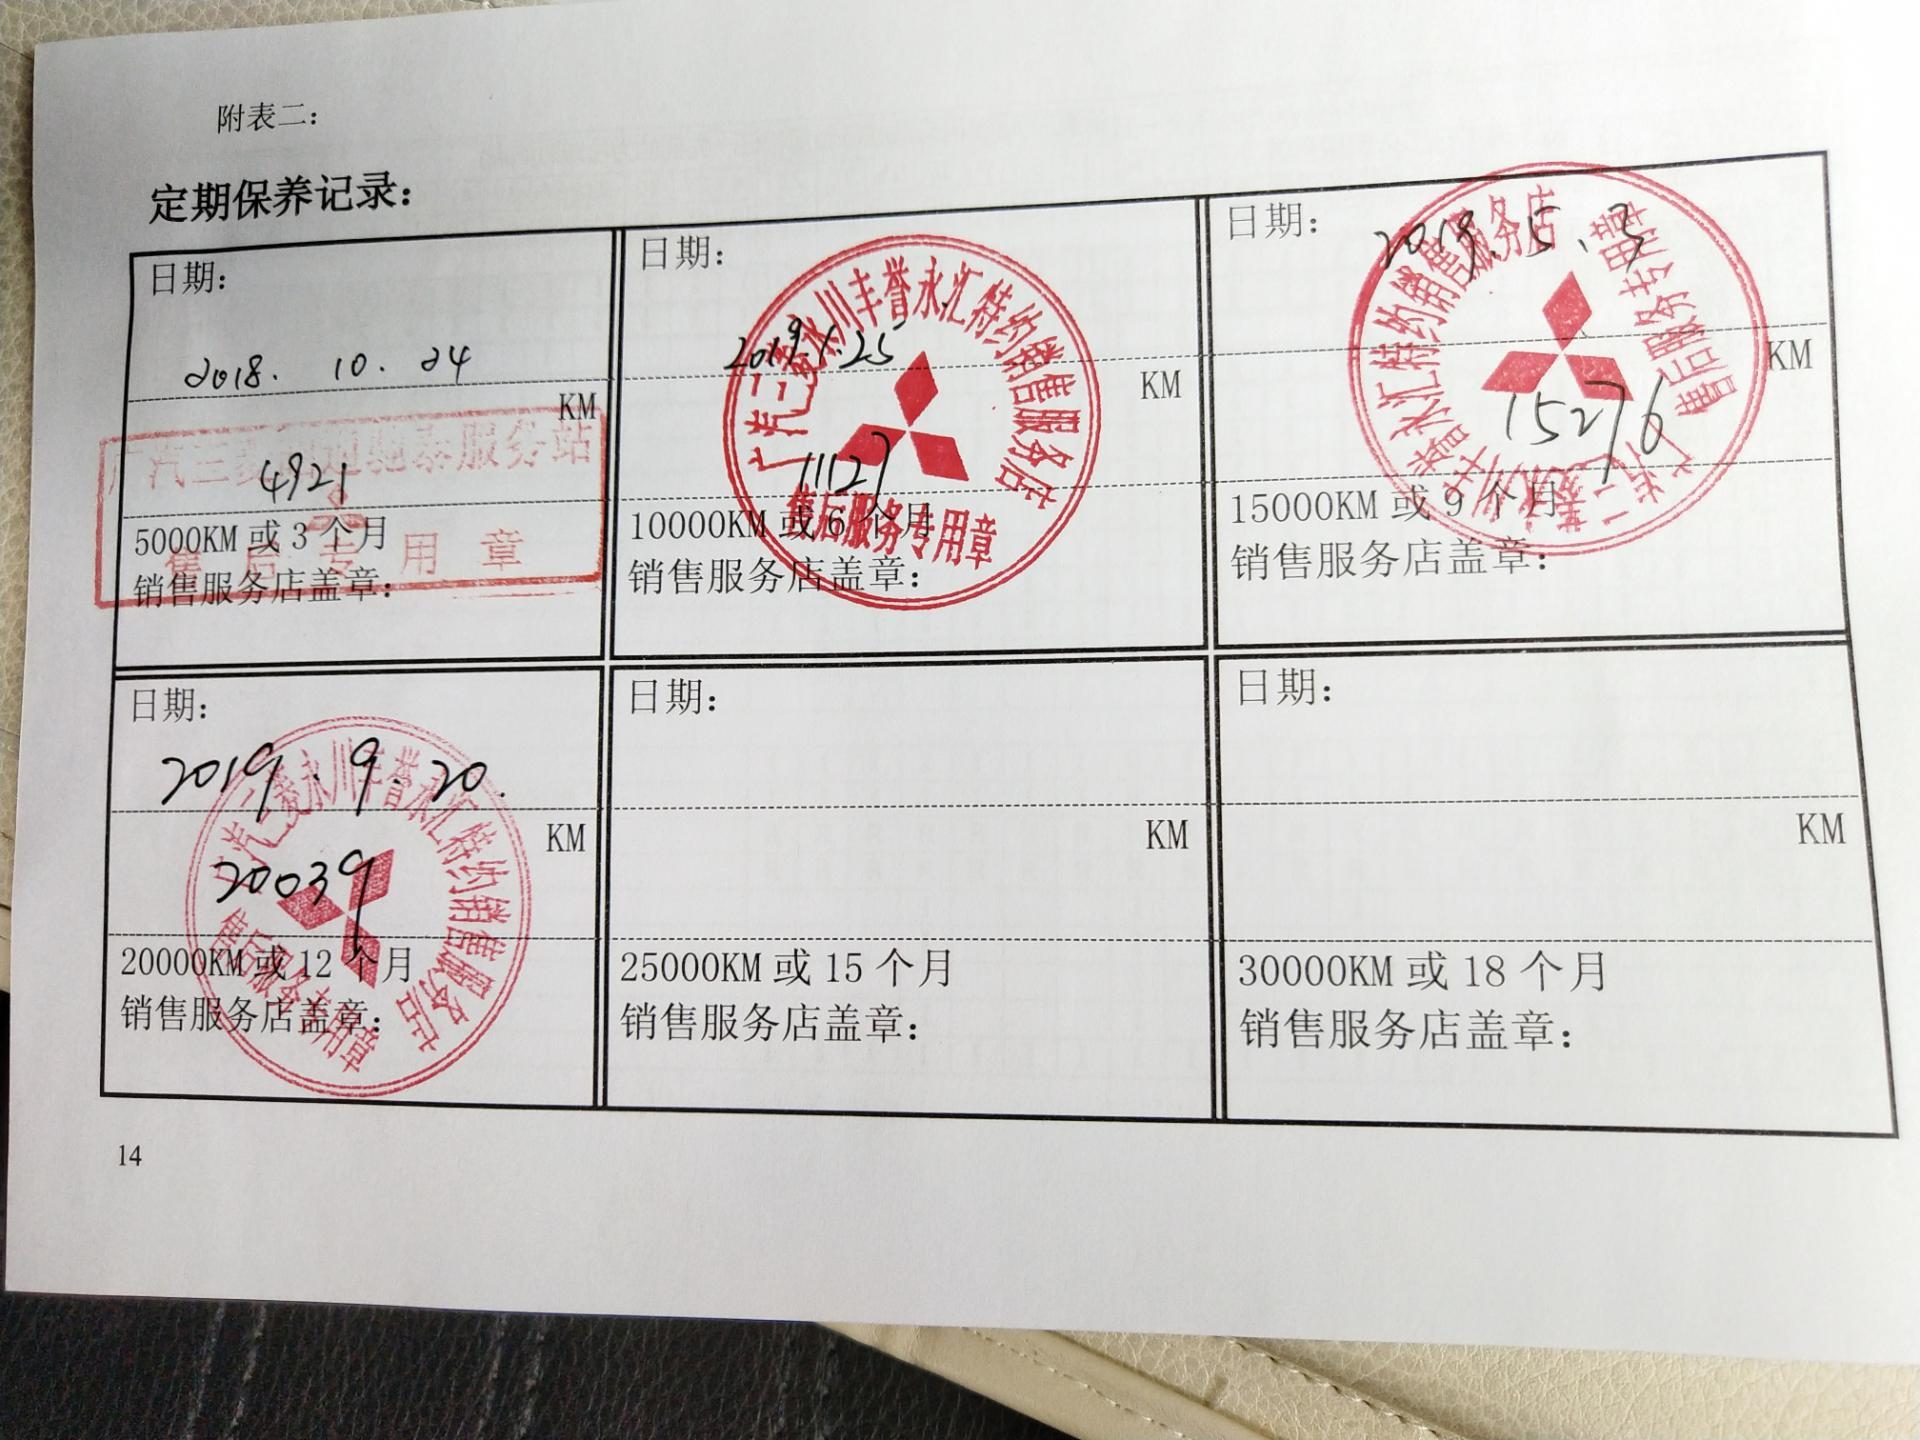 三菱-欧蓝德 4s店推销终身保养卡前未说明使用情况,态度强硬恶劣